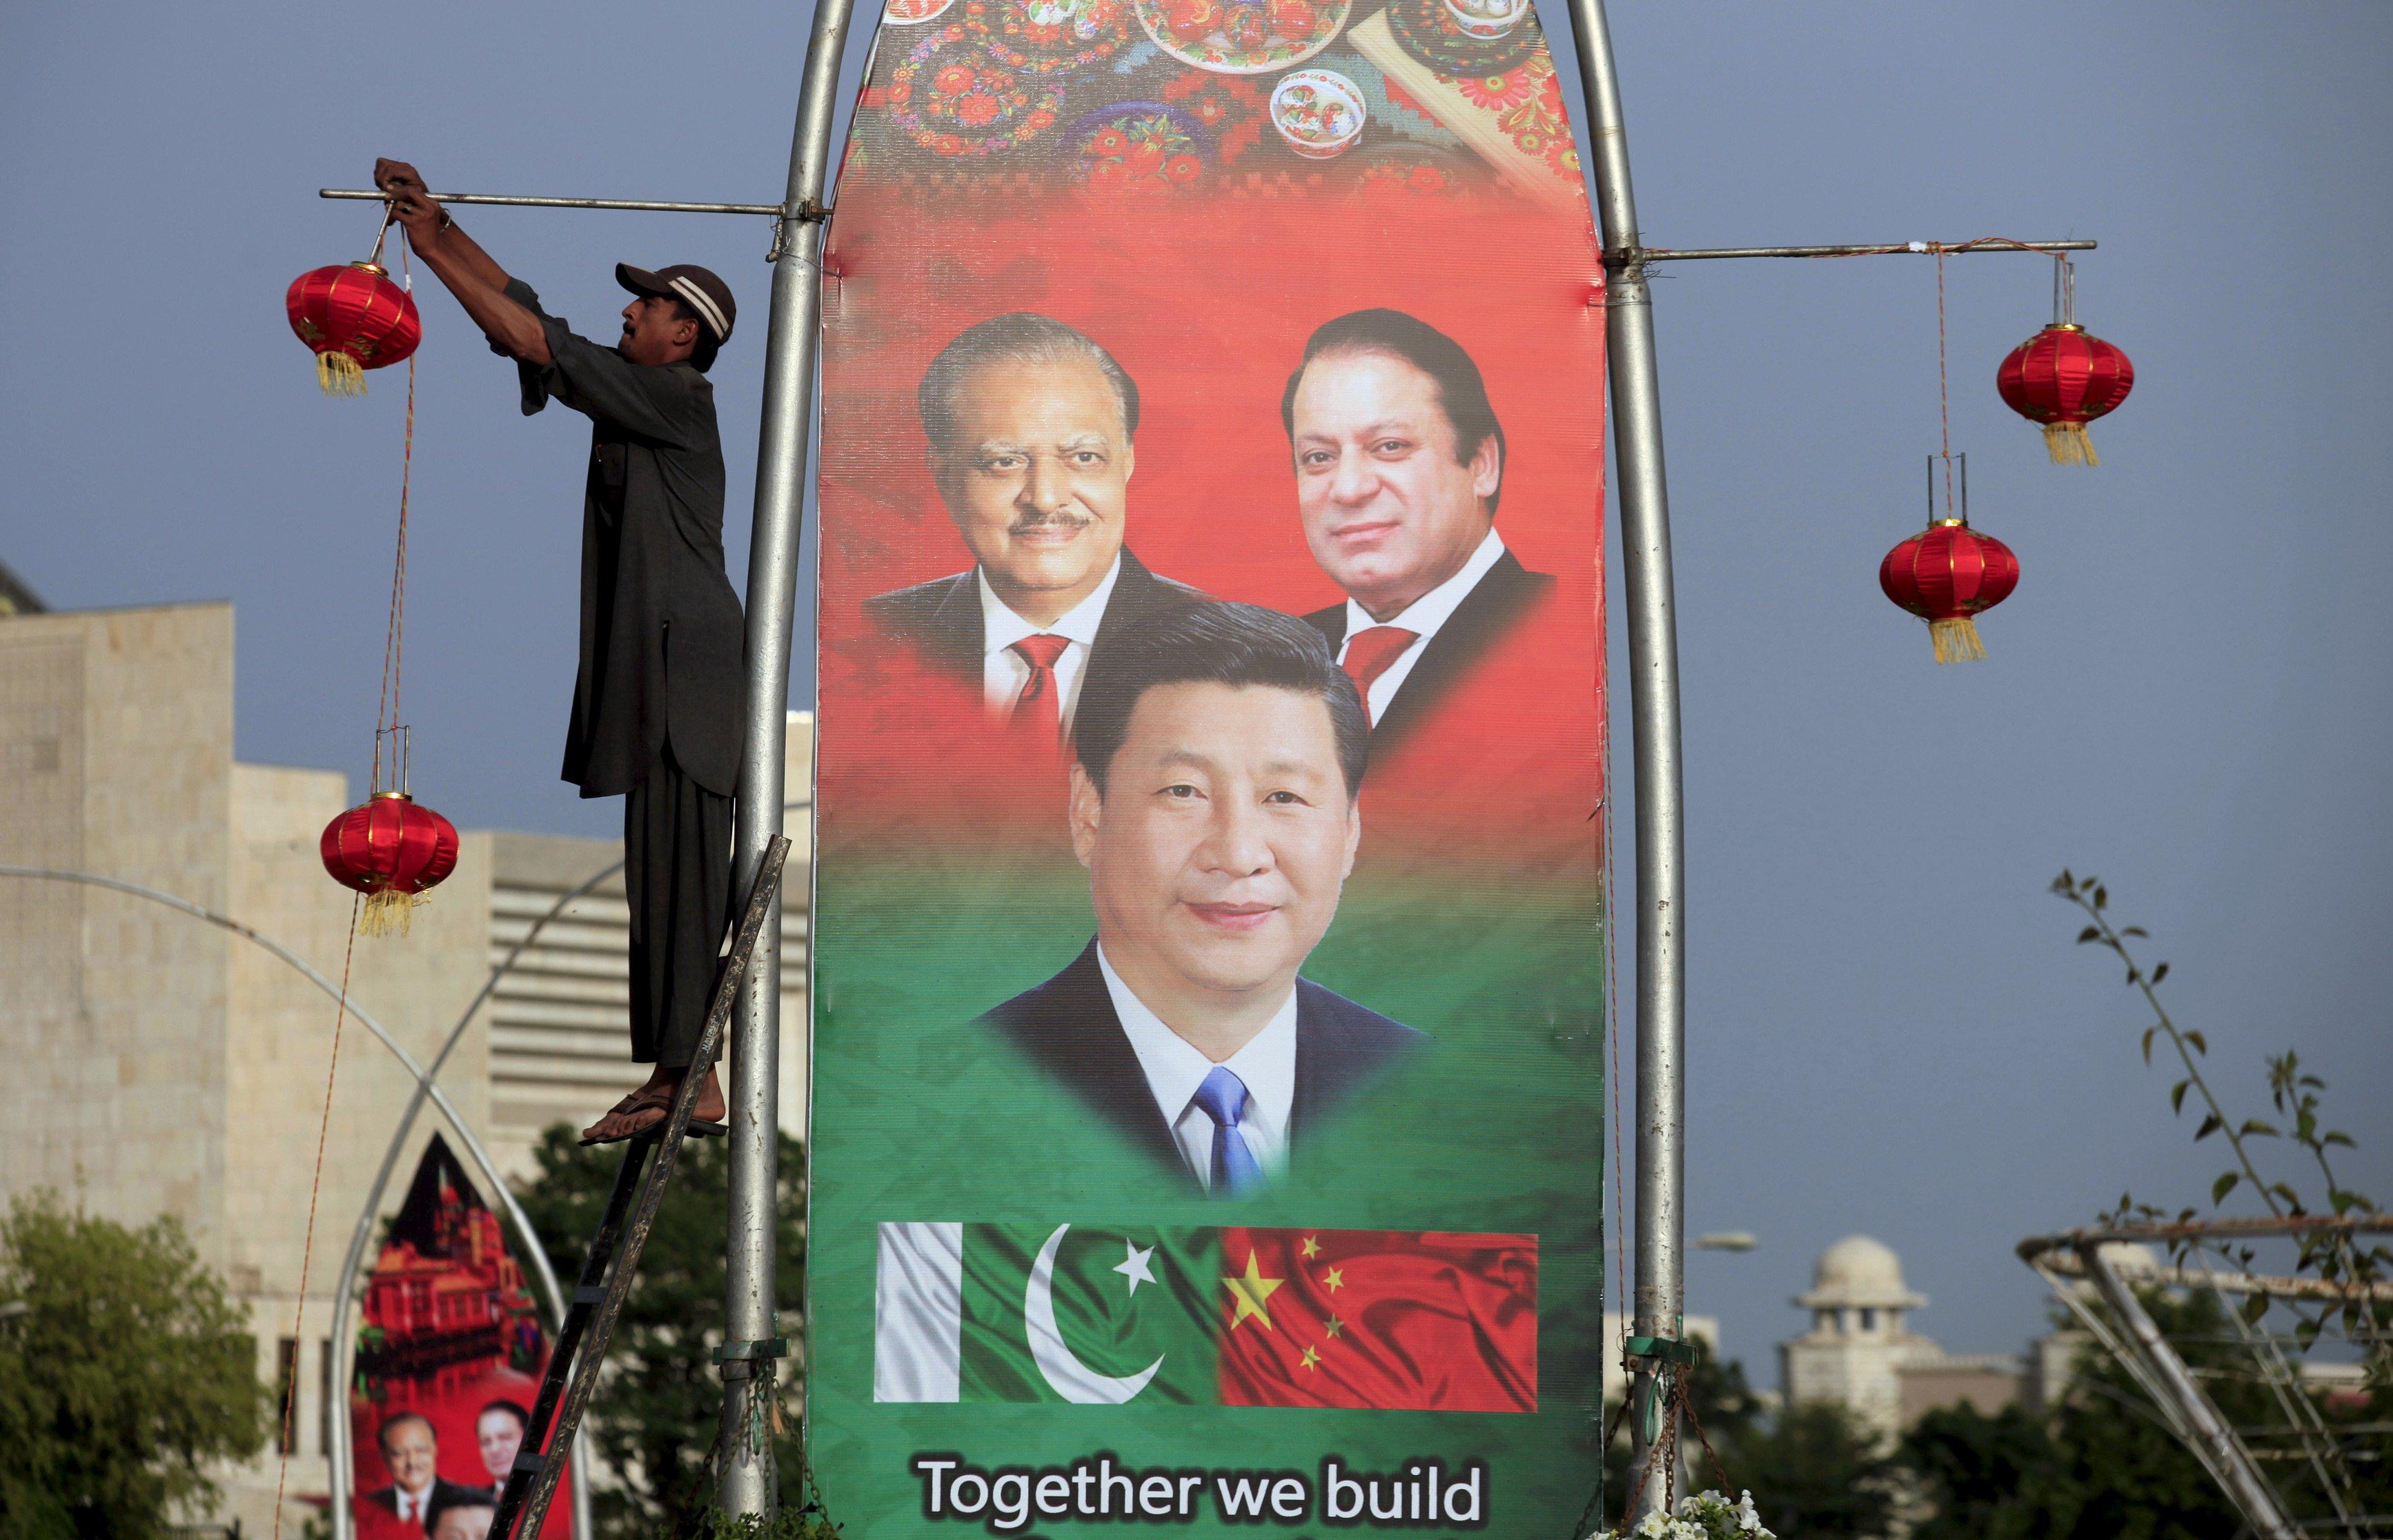 دنیا بھر میں چین کا حقیقی اتحادی صرف ایک ہے، پاکستان: چینی خارجہ پالیسی ماہر